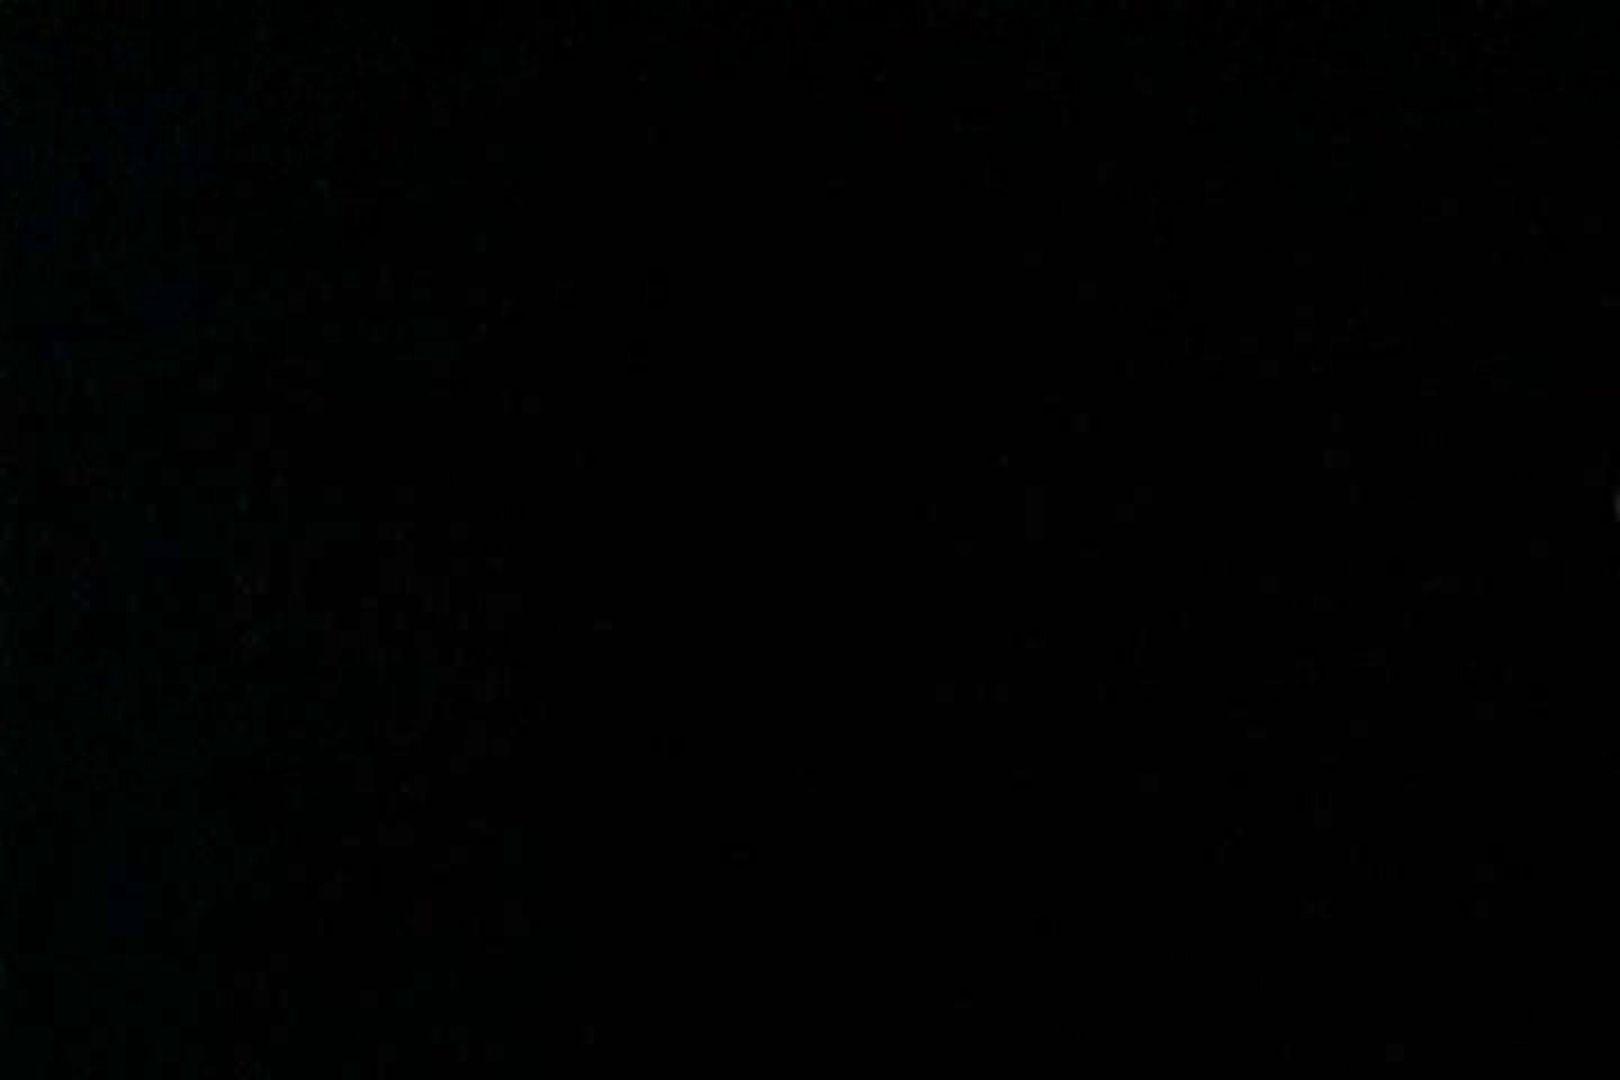 充血監督の深夜の運動会Vol.133 エッチなセックス | カップル盗撮  91画像 79